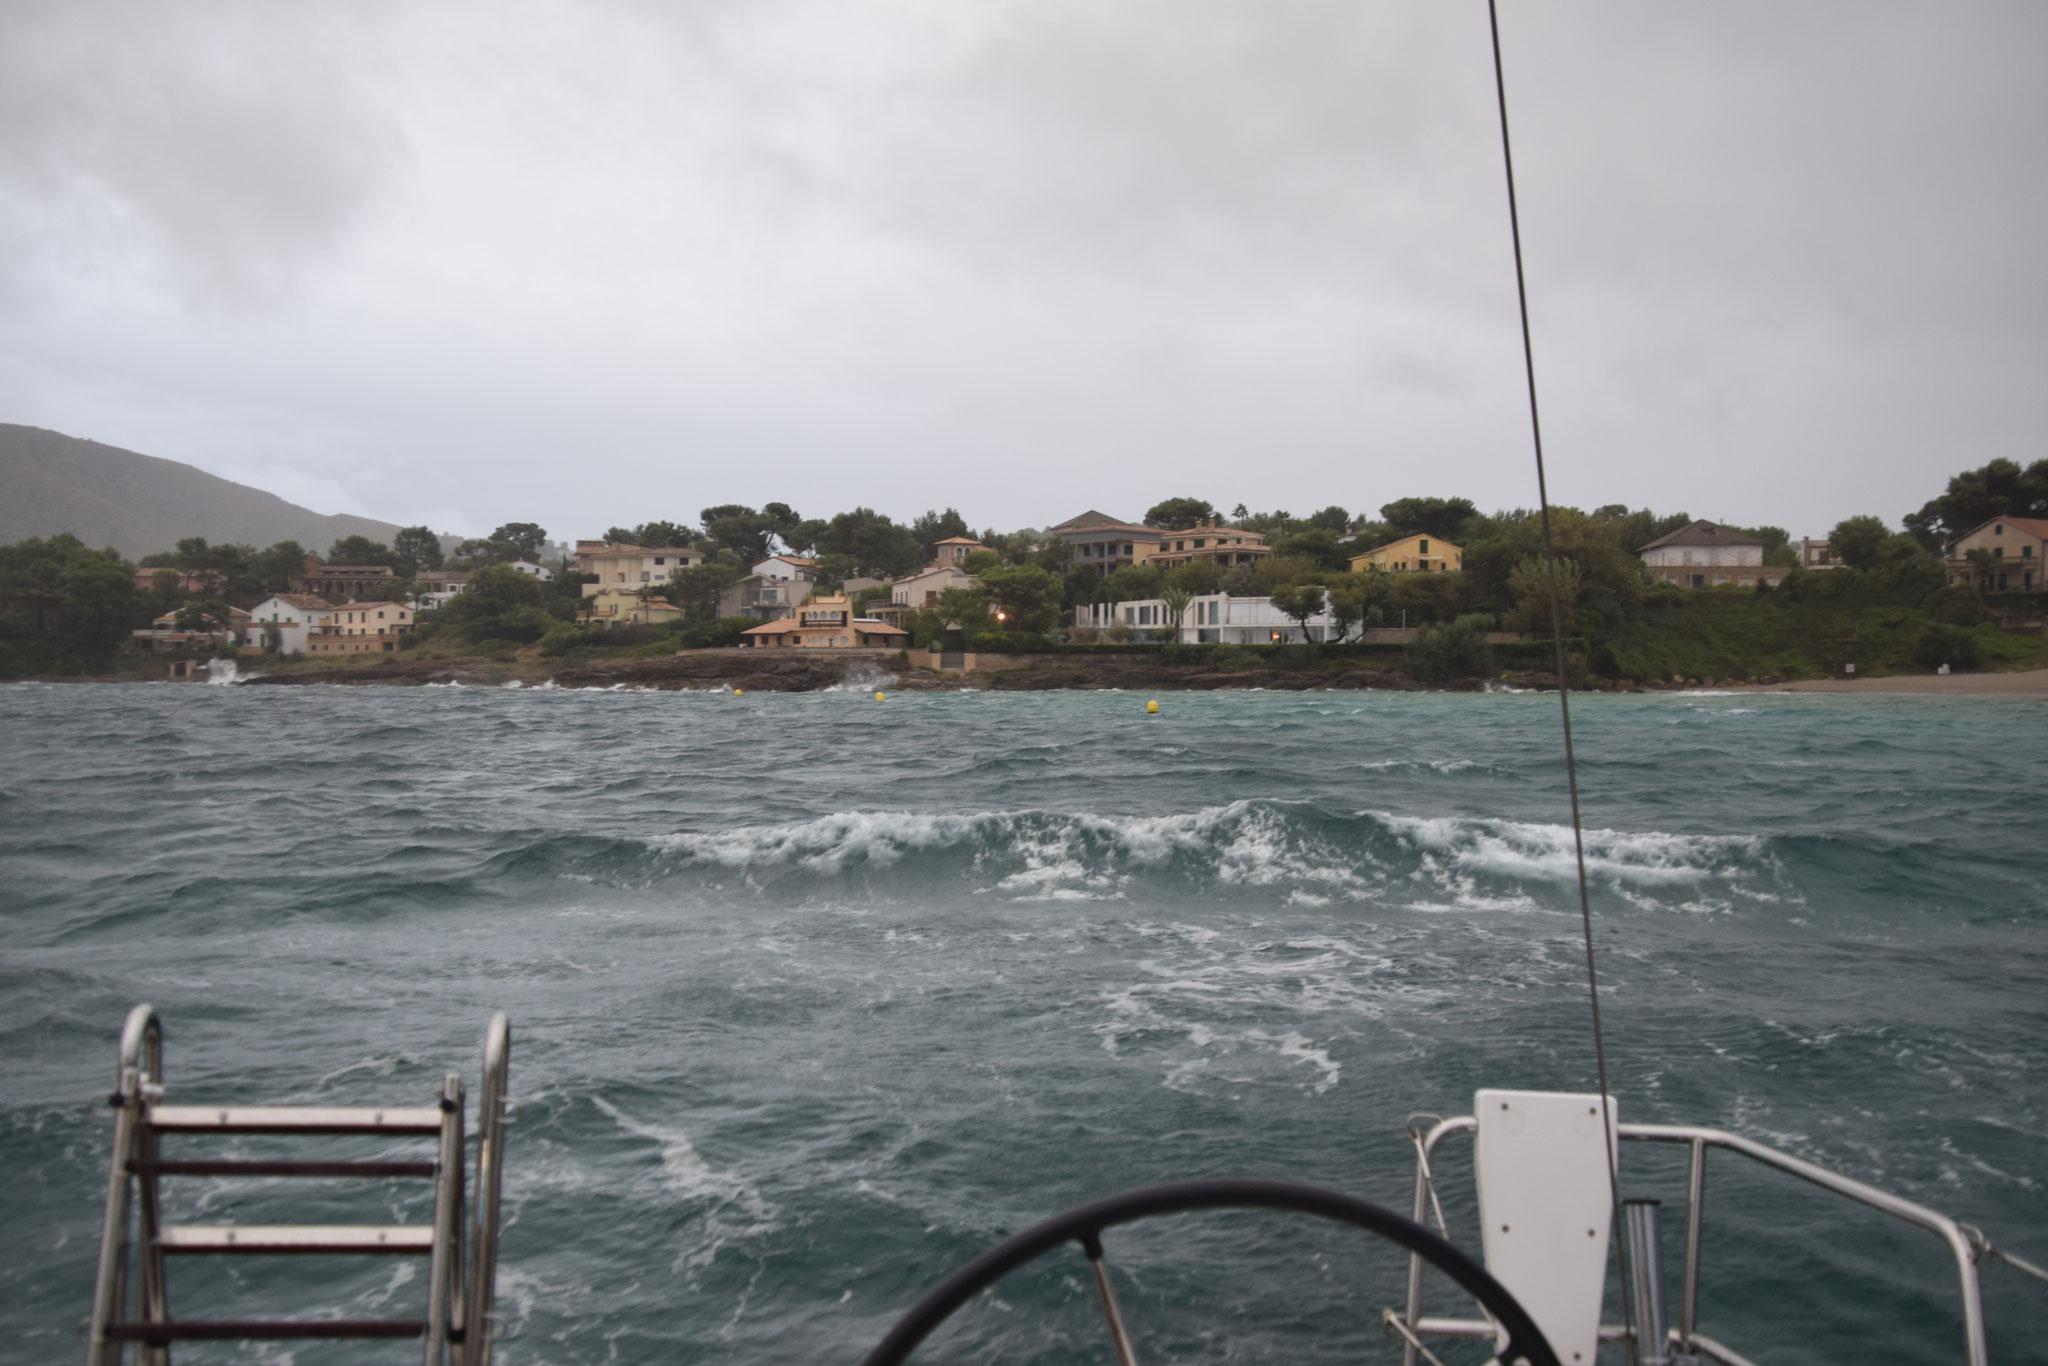 und die treiben reichlich große Wellen in die Bucht.